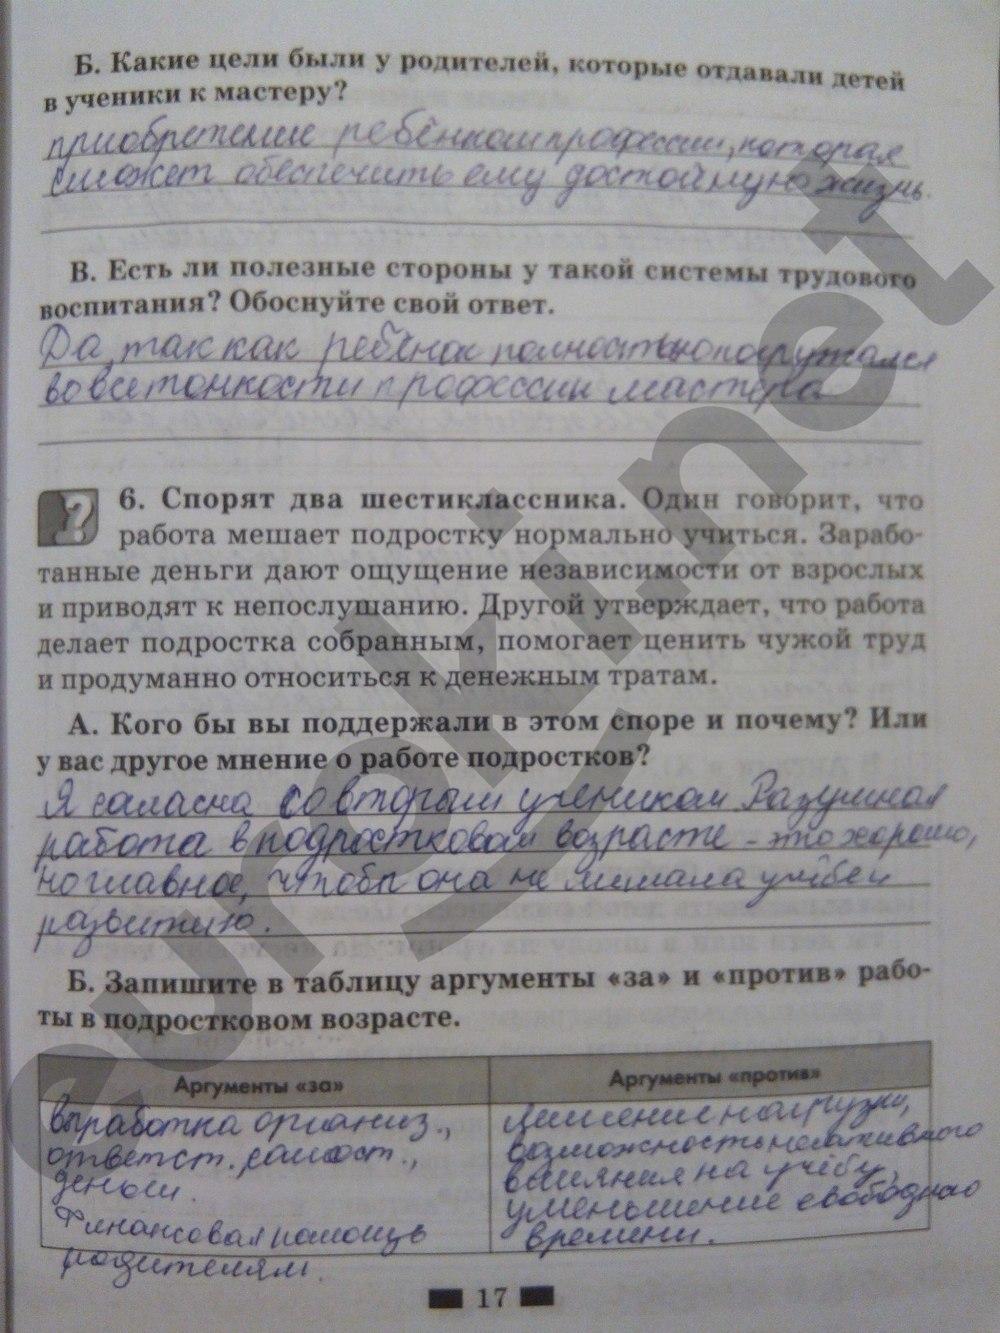 Гдз по обществознанию 7 класс учебник кравченко певцова практикум